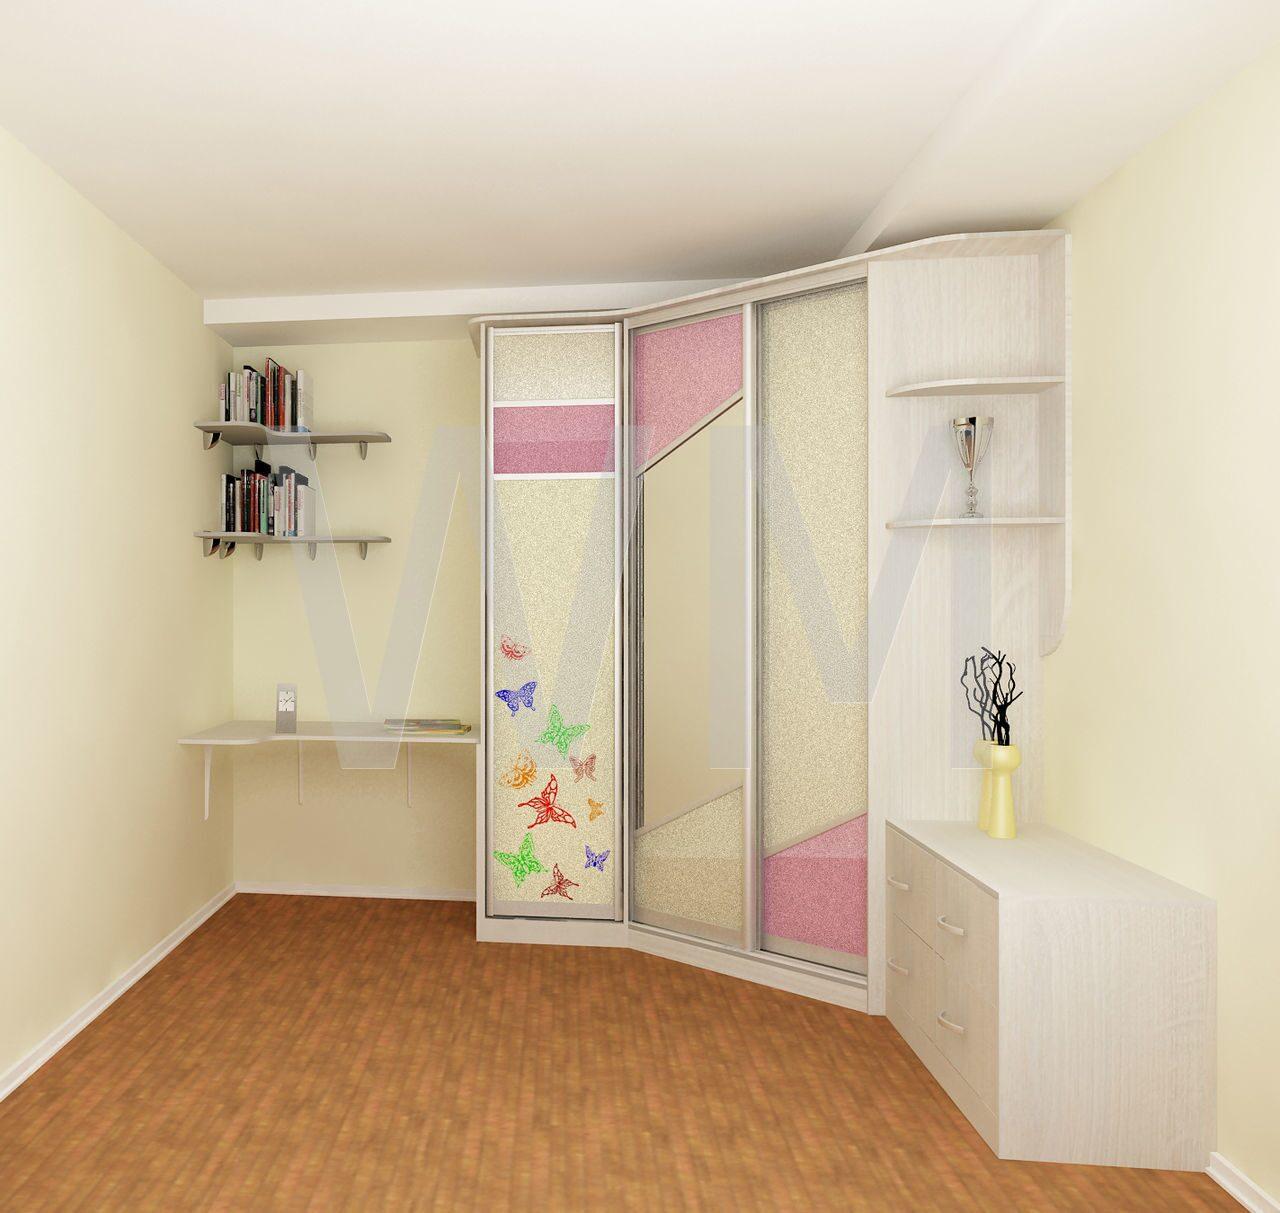 Шкаф в детскую комнату для девочки.